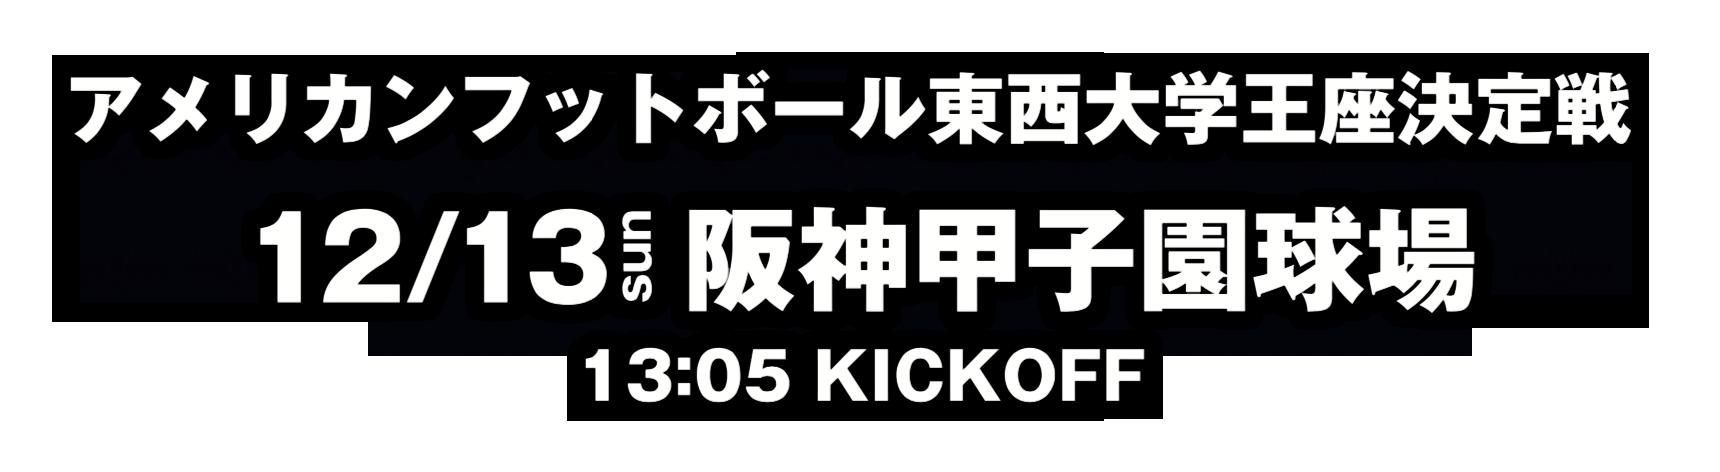 12/13(日) 阪神甲子園球場